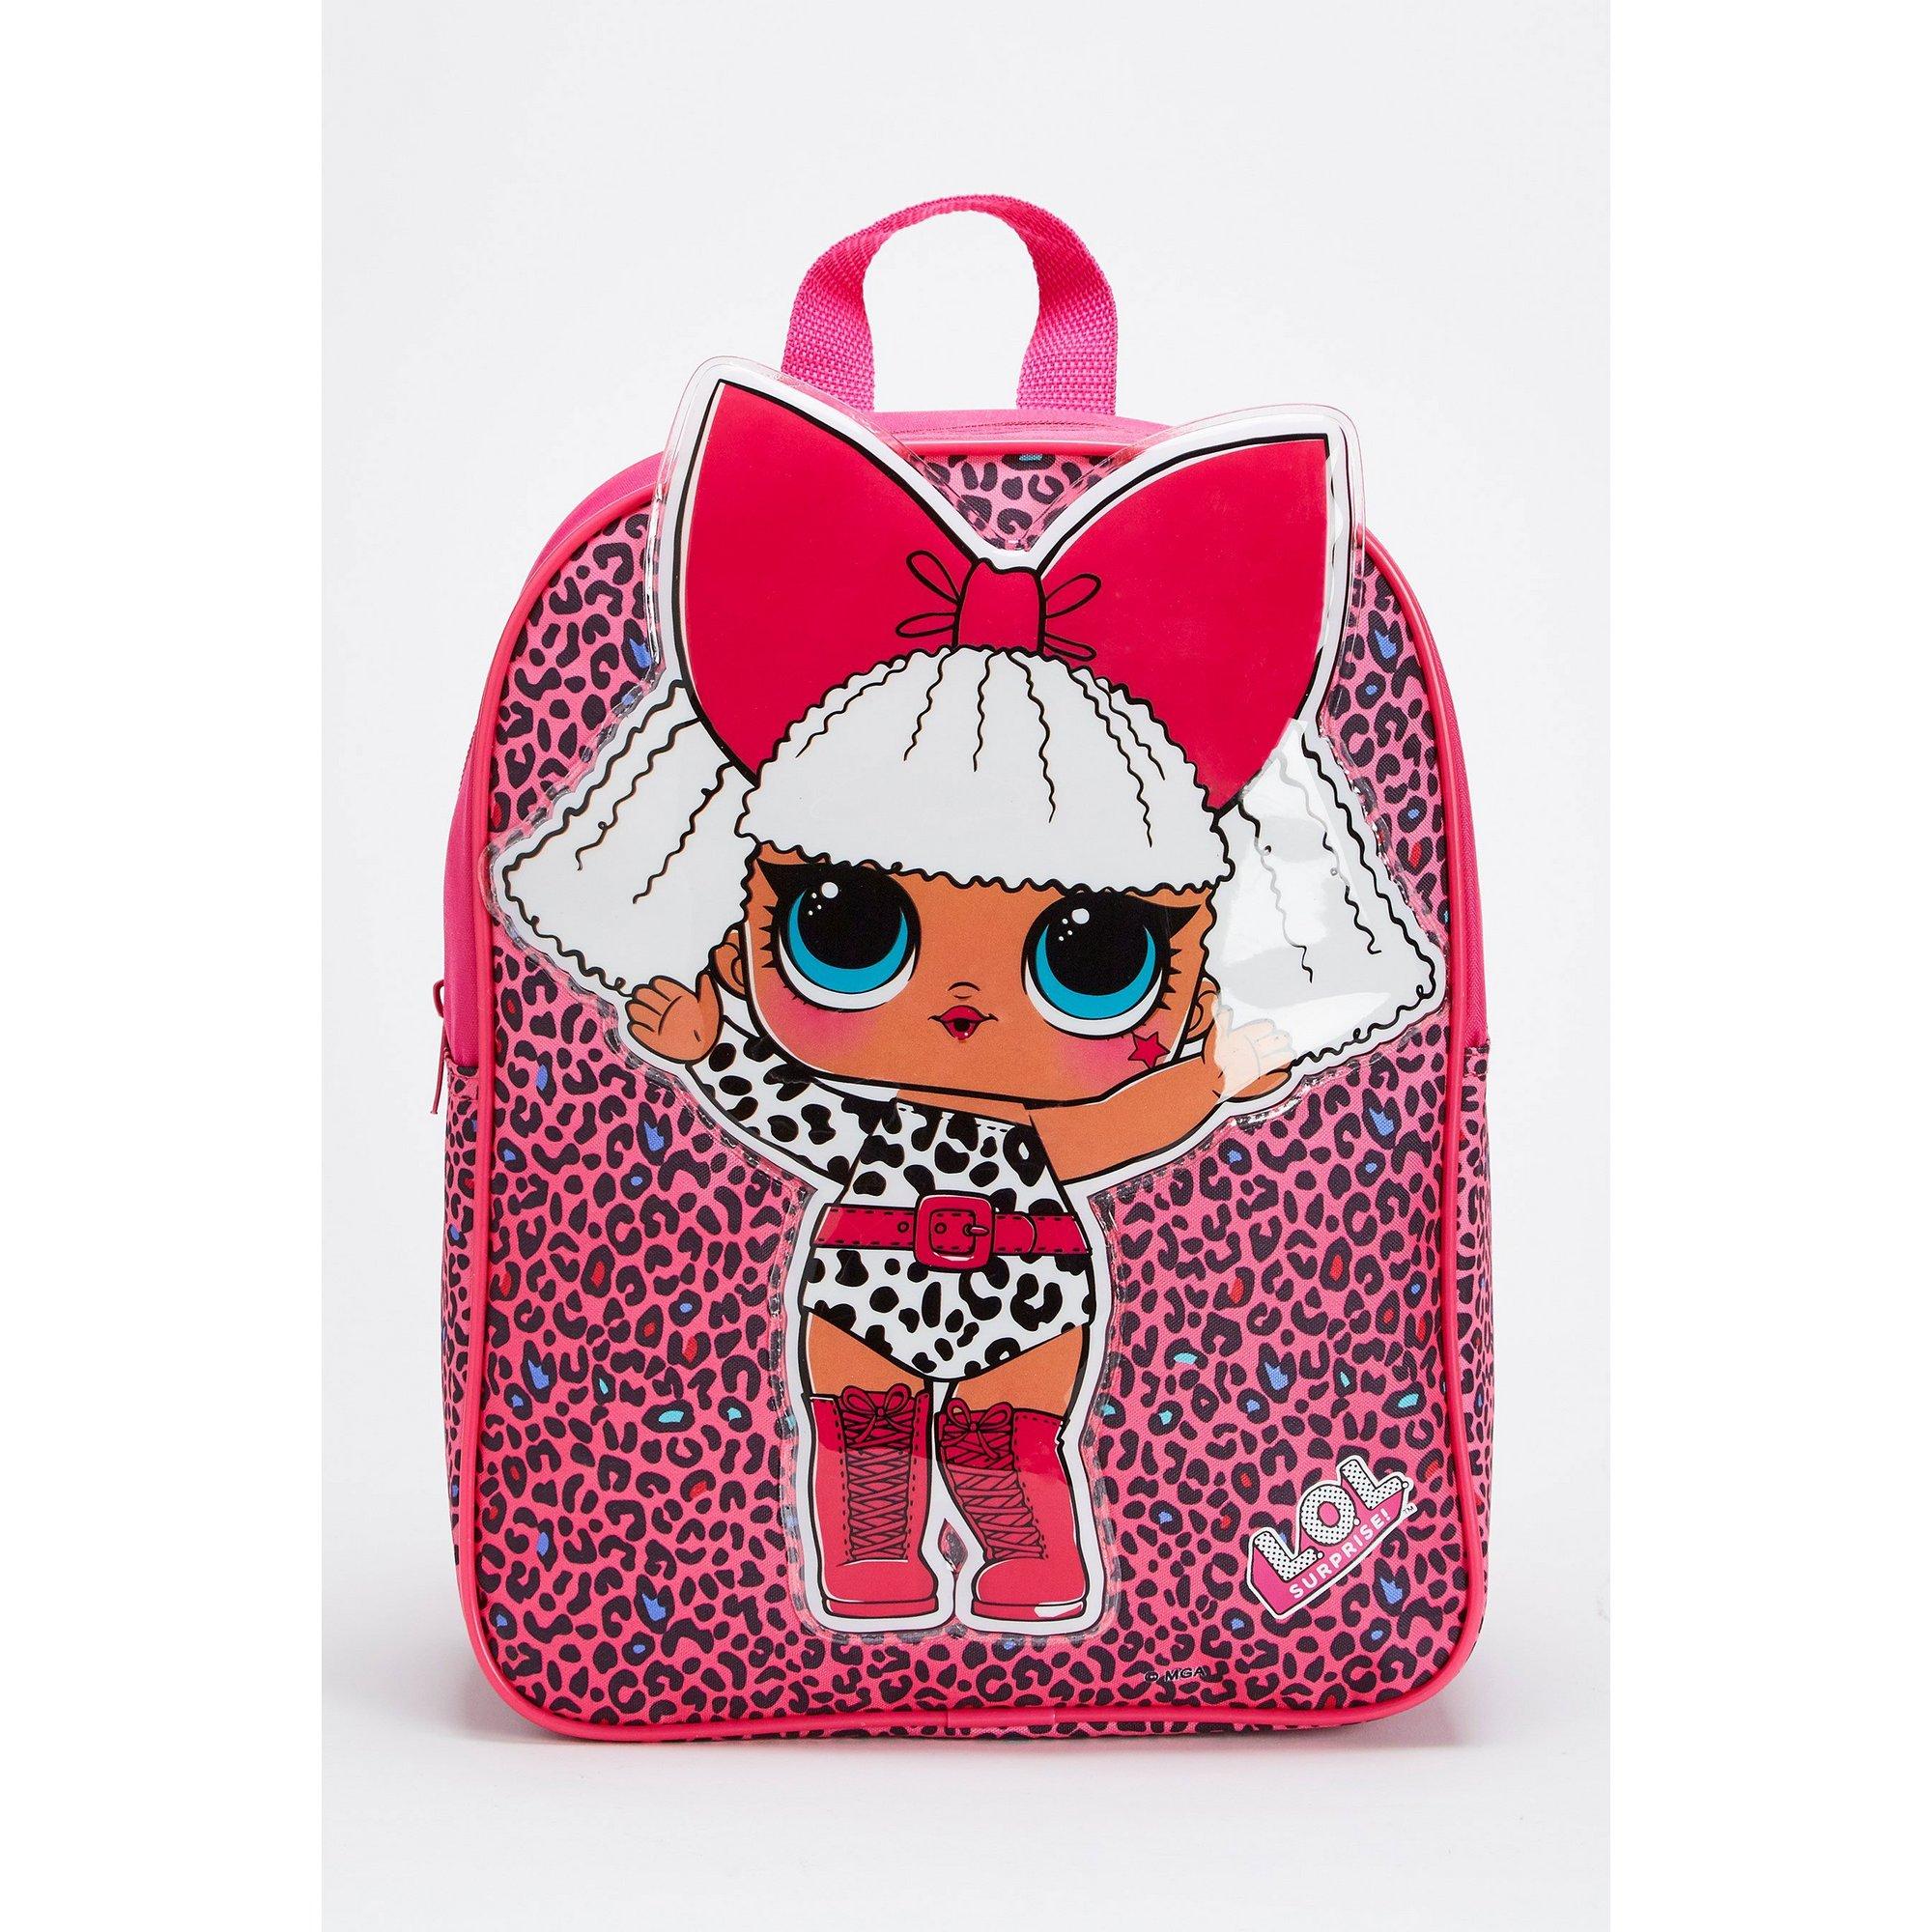 Image of L.O.L Surprise Backpack